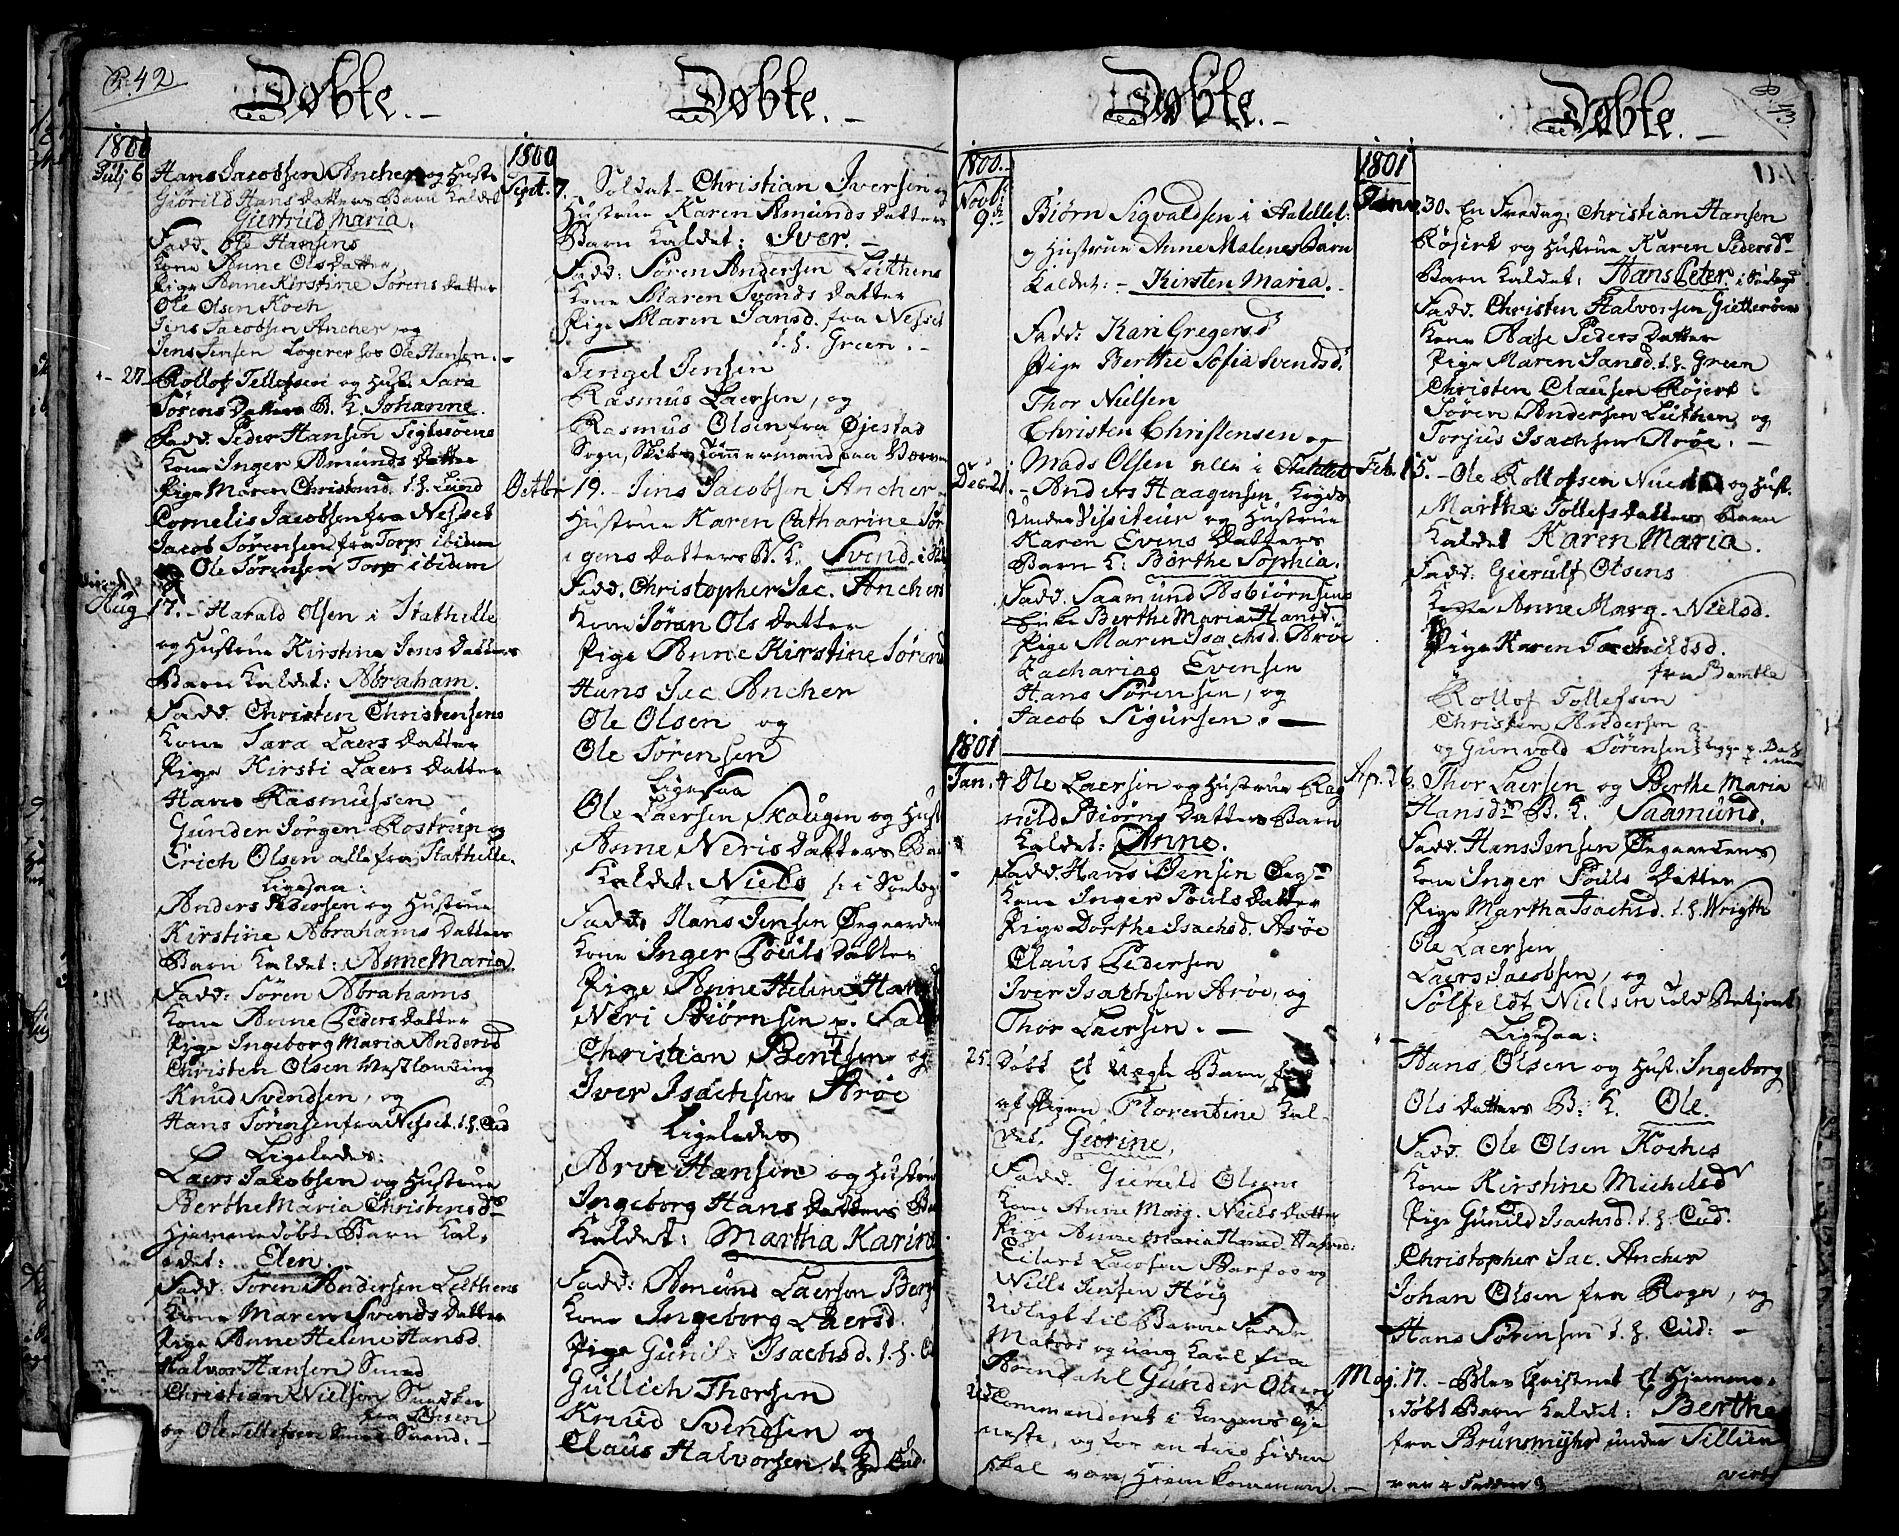 SAKO, Langesund kirkebøker, G/Ga/L0001: Klokkerbok nr. 1, 1783-1801, s. 42-43